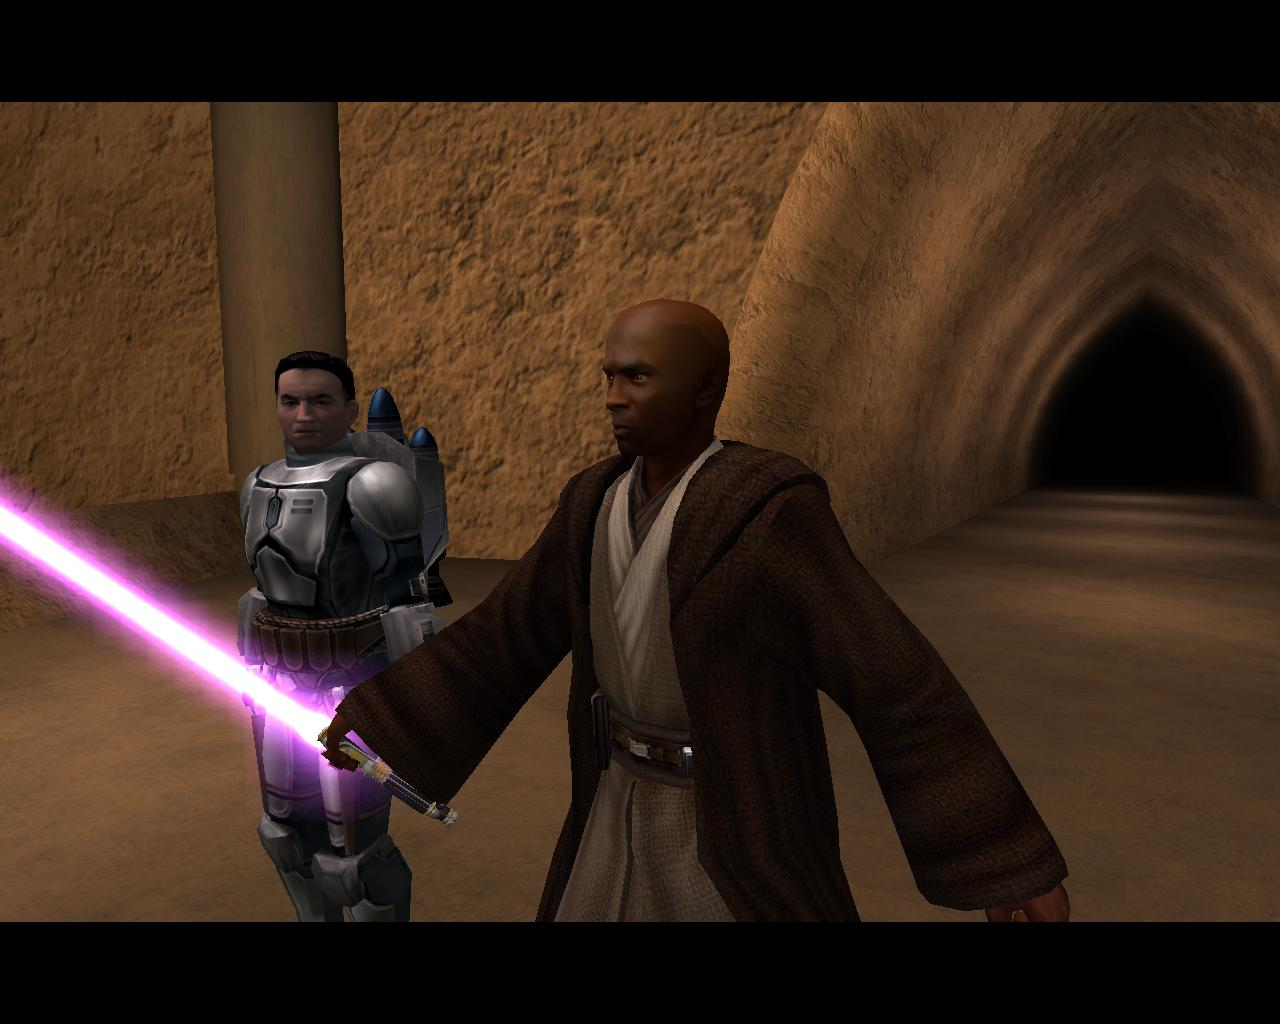 Star Wars Movie Duels 2 Windows Full file Mod DB